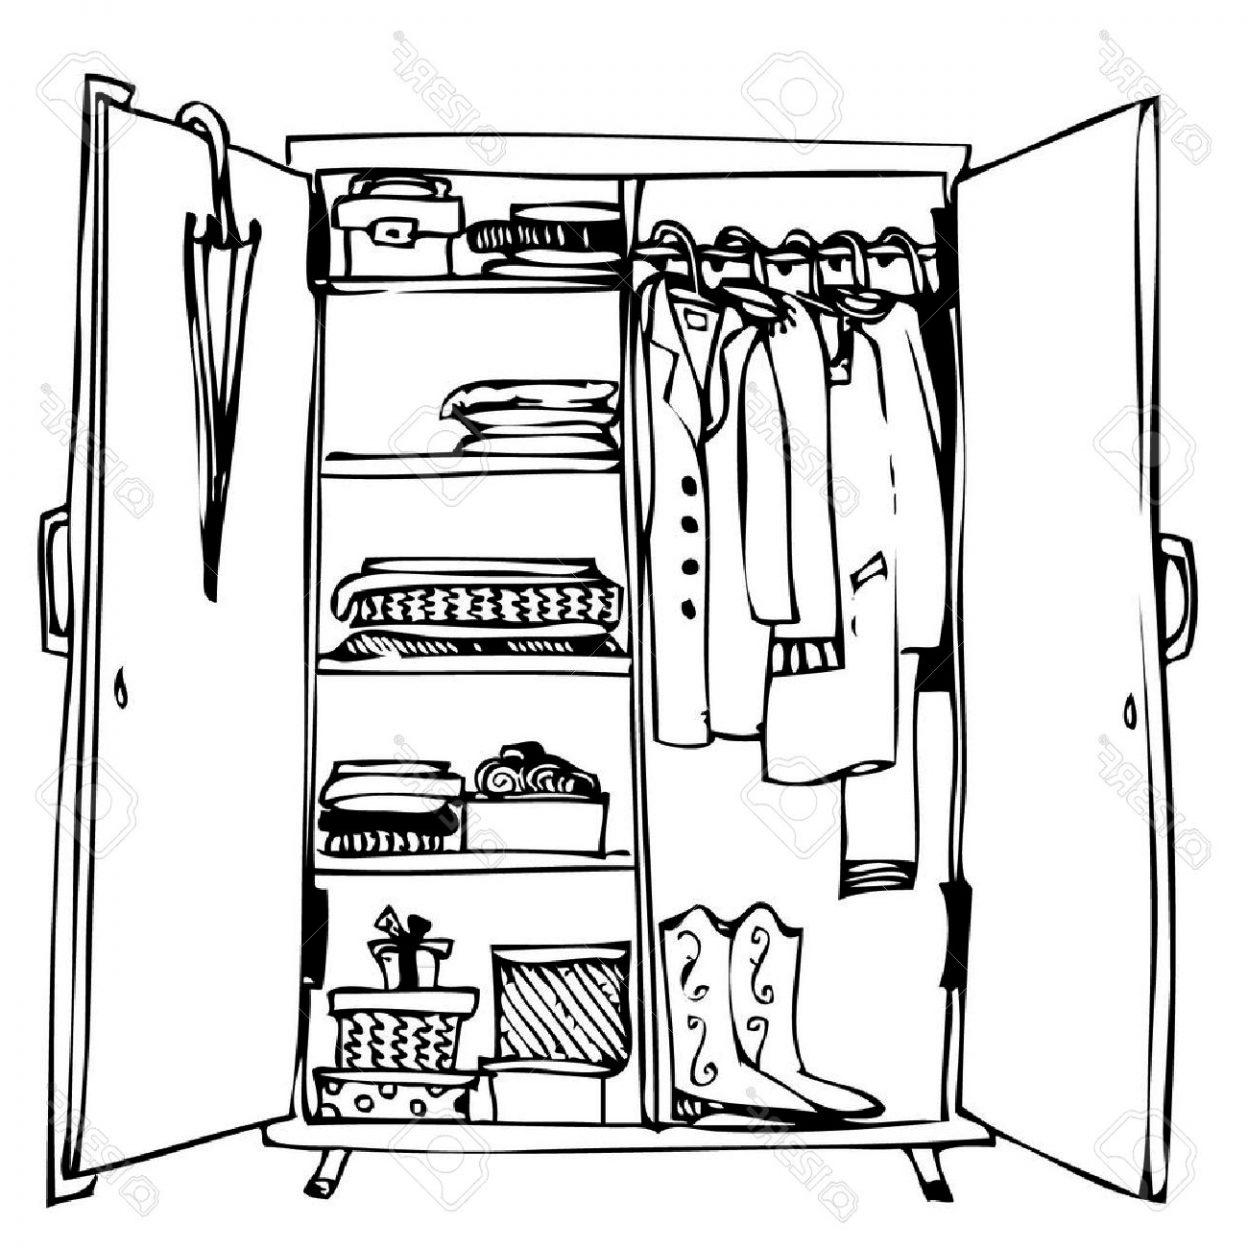 Closet clipart. Open attractive clip art